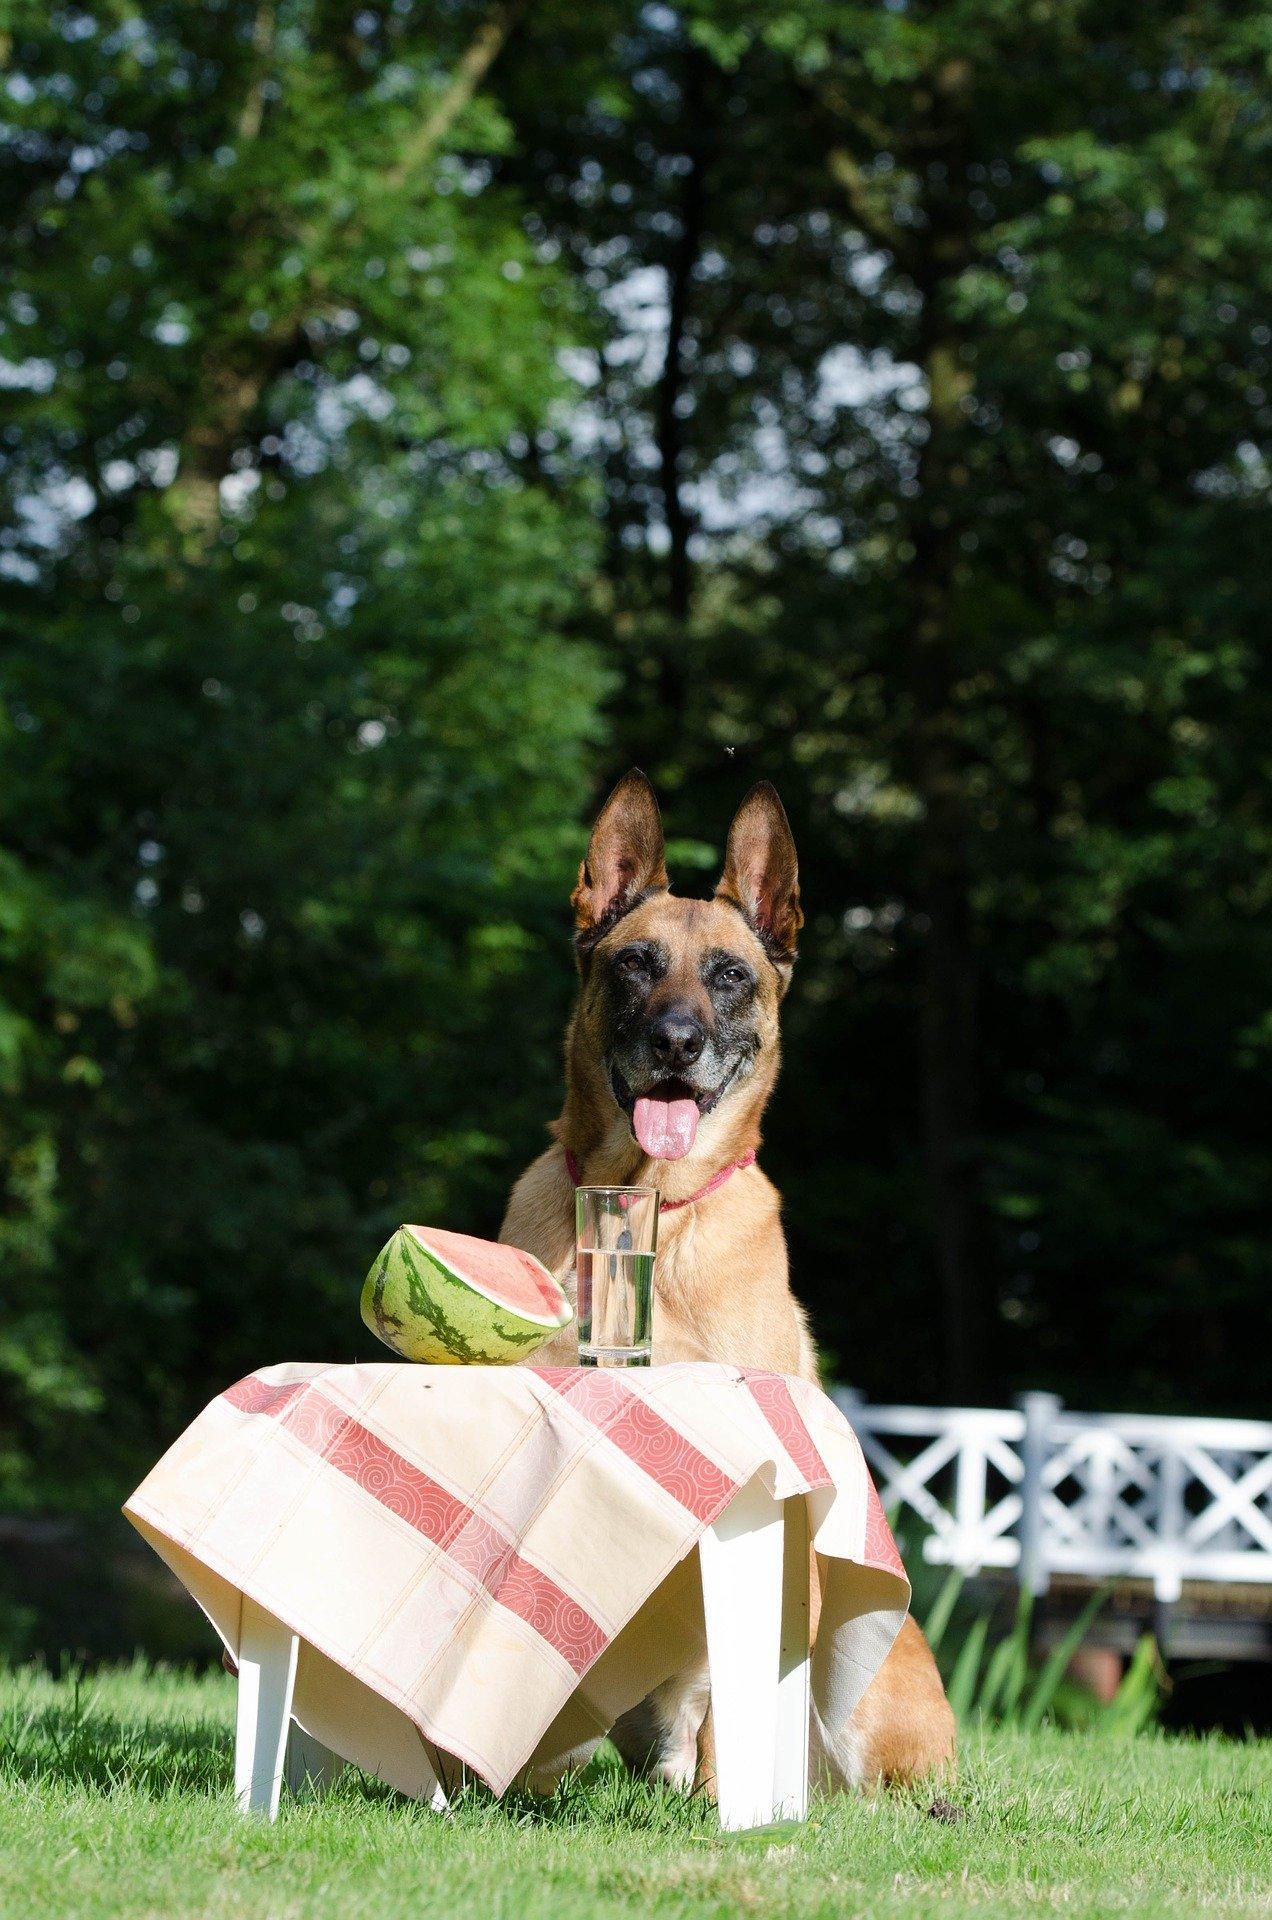 Alimentazione del cane in estate: cosa dargli da mangiare